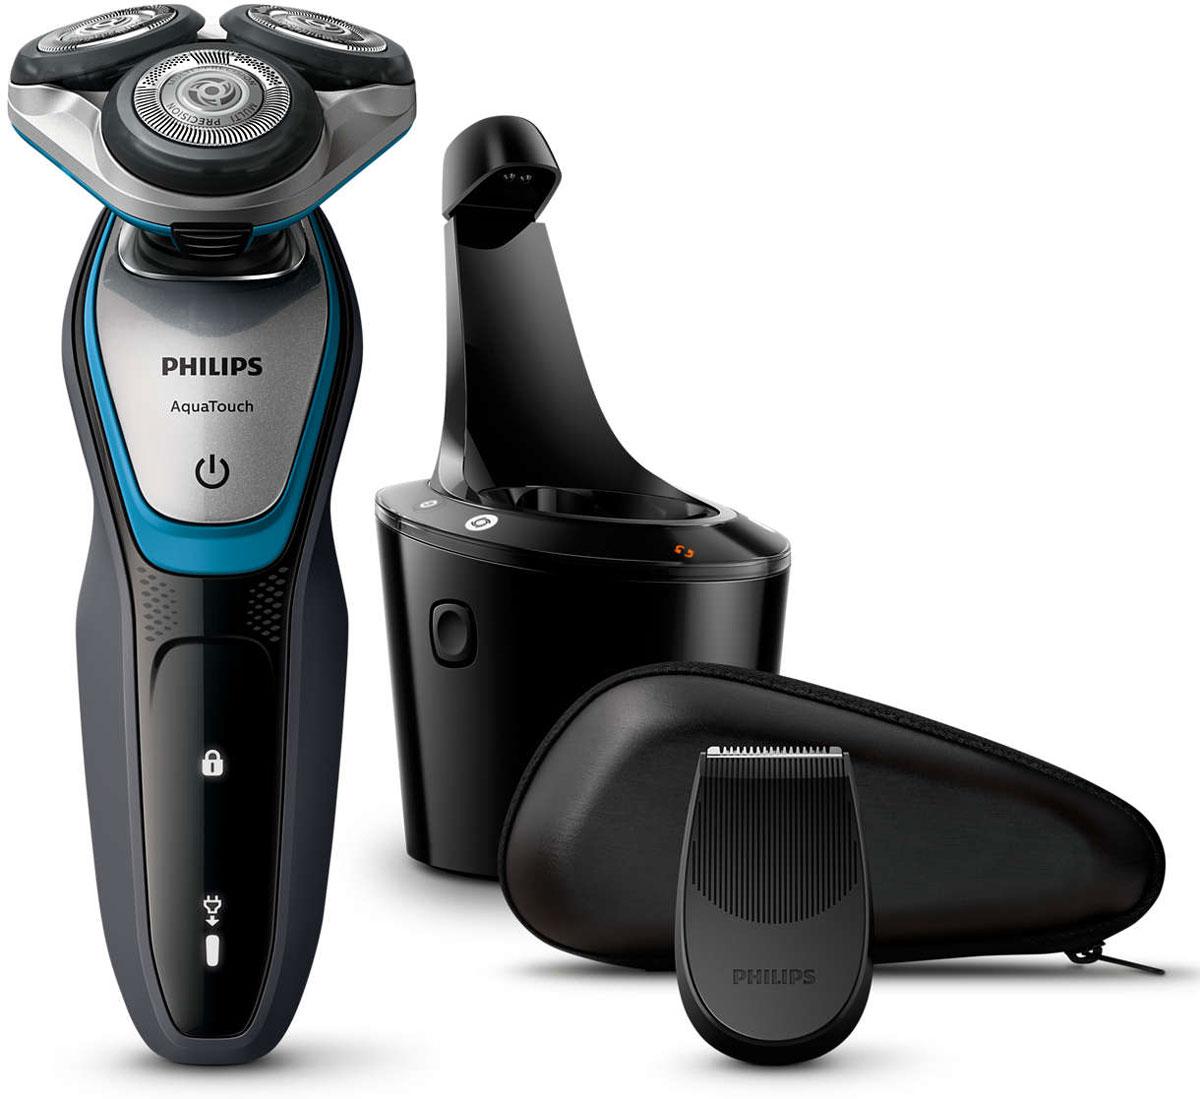 Philips S5400/26 электробритваS5400/26Бритва Philips S 5400/26 обеспечивает освежающее бритье и защищает кожу. Система лезвий MultiPrecision с закругленными краями бритвенных головок легко скользит по коже для бережного и безопасного бритья. Гладкое бритье без порезов: система лезвий MultiPrecision с закругленными краями бритвенных головок легко скользит по коже для бережного и безопасного бритья. Уплотнение Aquatec позволяет выбирать наиболее комфортный способ бритья: быстрое и комфортное сухое бритье или влажное бритье с использованием геля или пены. Вы можете использовать прибор даже в душе. Система лезвий MultiPrecision в несколько движений приподнимает и срезает волоски и щетину. Головки Flex двигаются независимо друг от друга в 5 направлениях. Это гарантирует оптимальный контакт с кожей для быстрого и гладкого бритья даже на шее и подбородке. Чтобы завершить образ, используйте безопасный для кожи съемный компактный триммер. Он идеально подходит для моделирования усов и подравнивания висков. ...